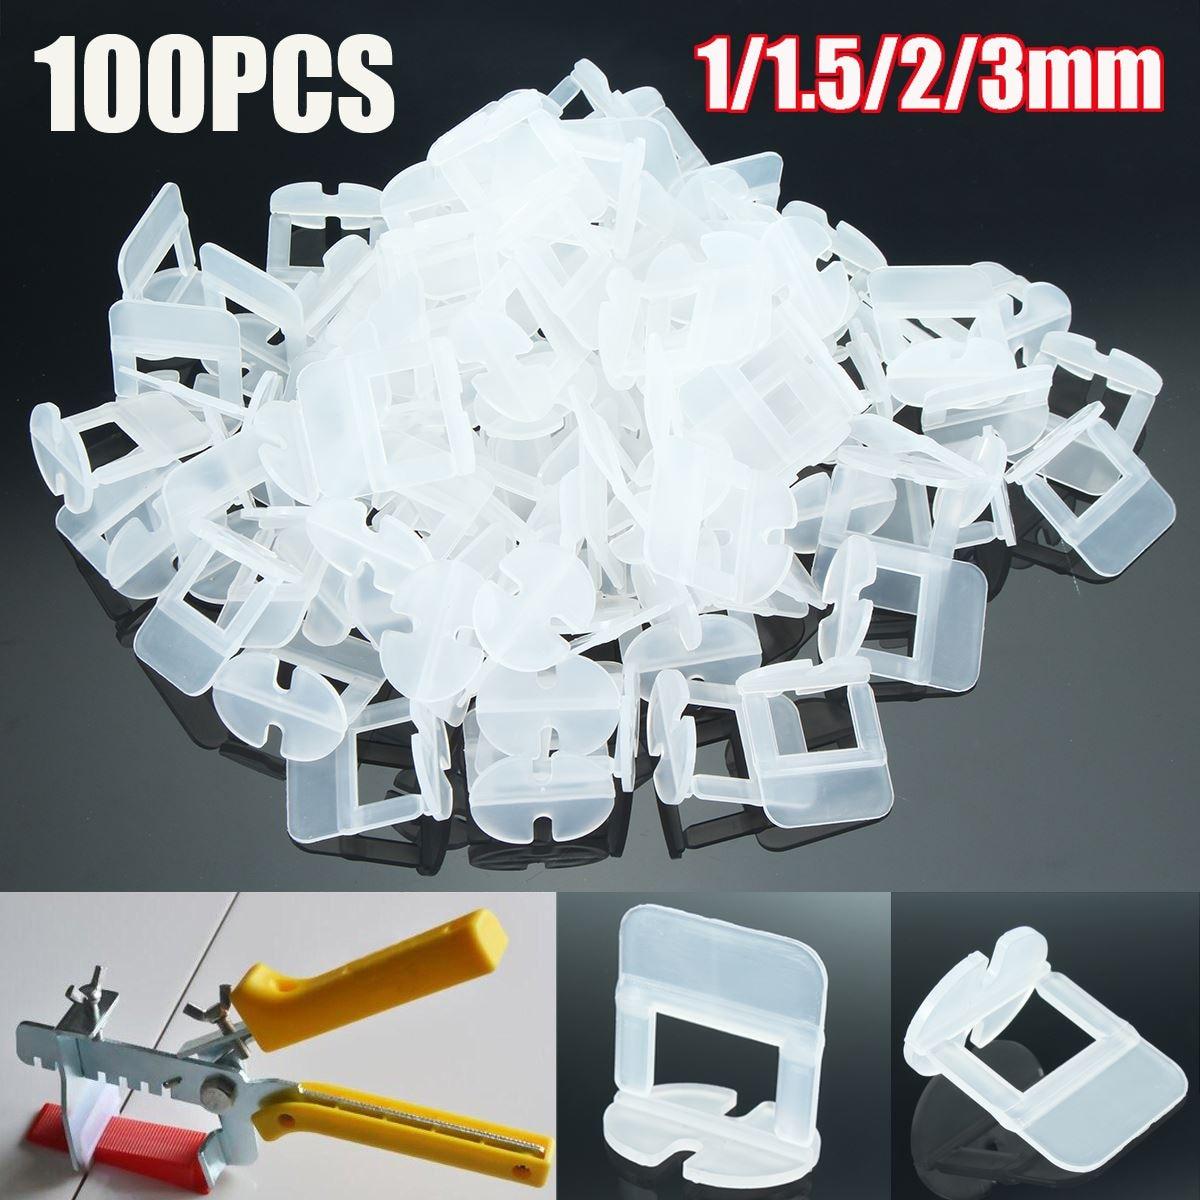 1 Satz/100 Stücke 1/1. 5/2/3mm Fliesen Nivellierung Abstandshalter Clips Bodenbelag Fliesen Werkzeug für Raimondi System